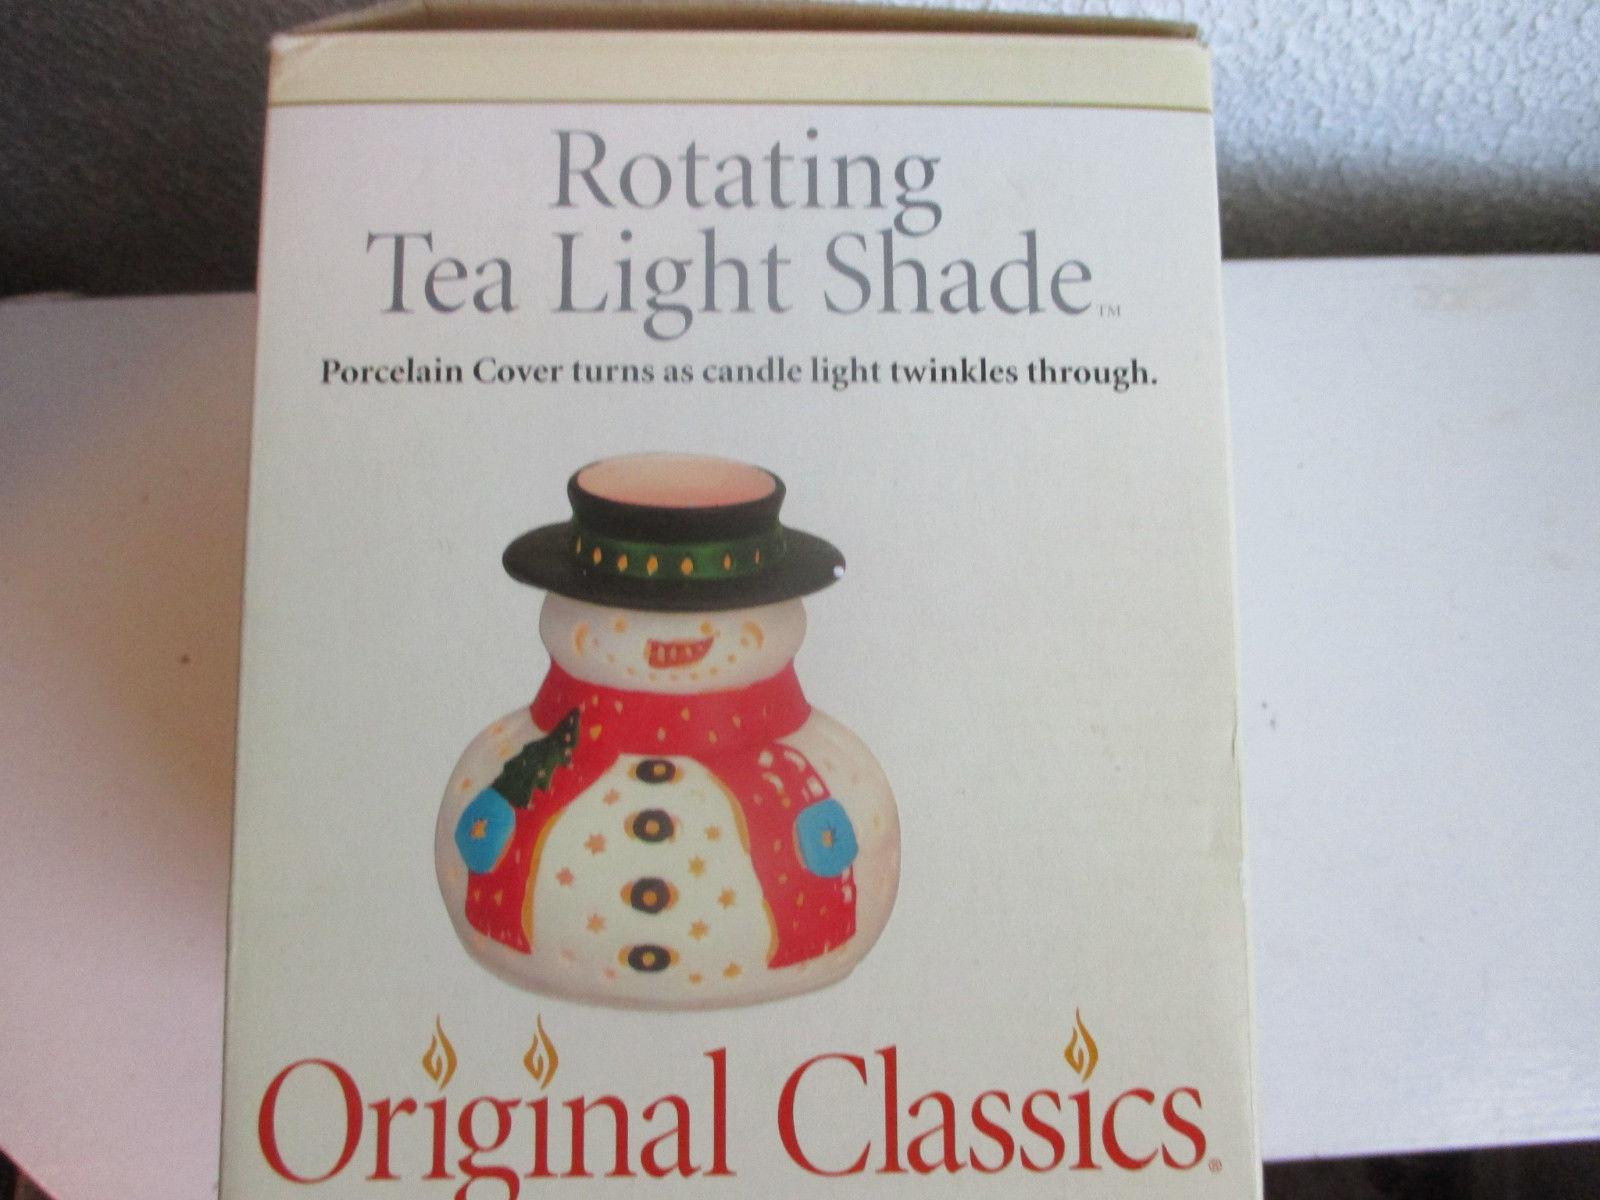 Mr Christmas Original Classics Snowman Rotating Tea Light Shade - $15.99